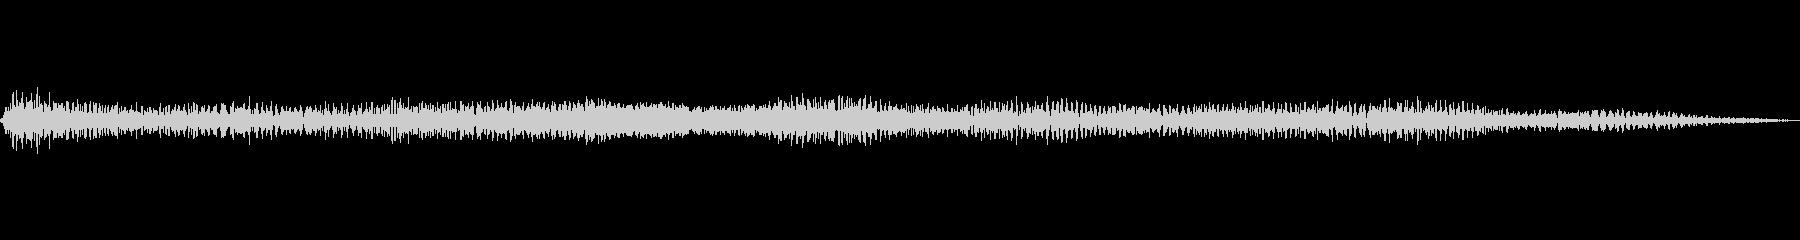 ランダムホールド、ソフトフィルター...の未再生の波形